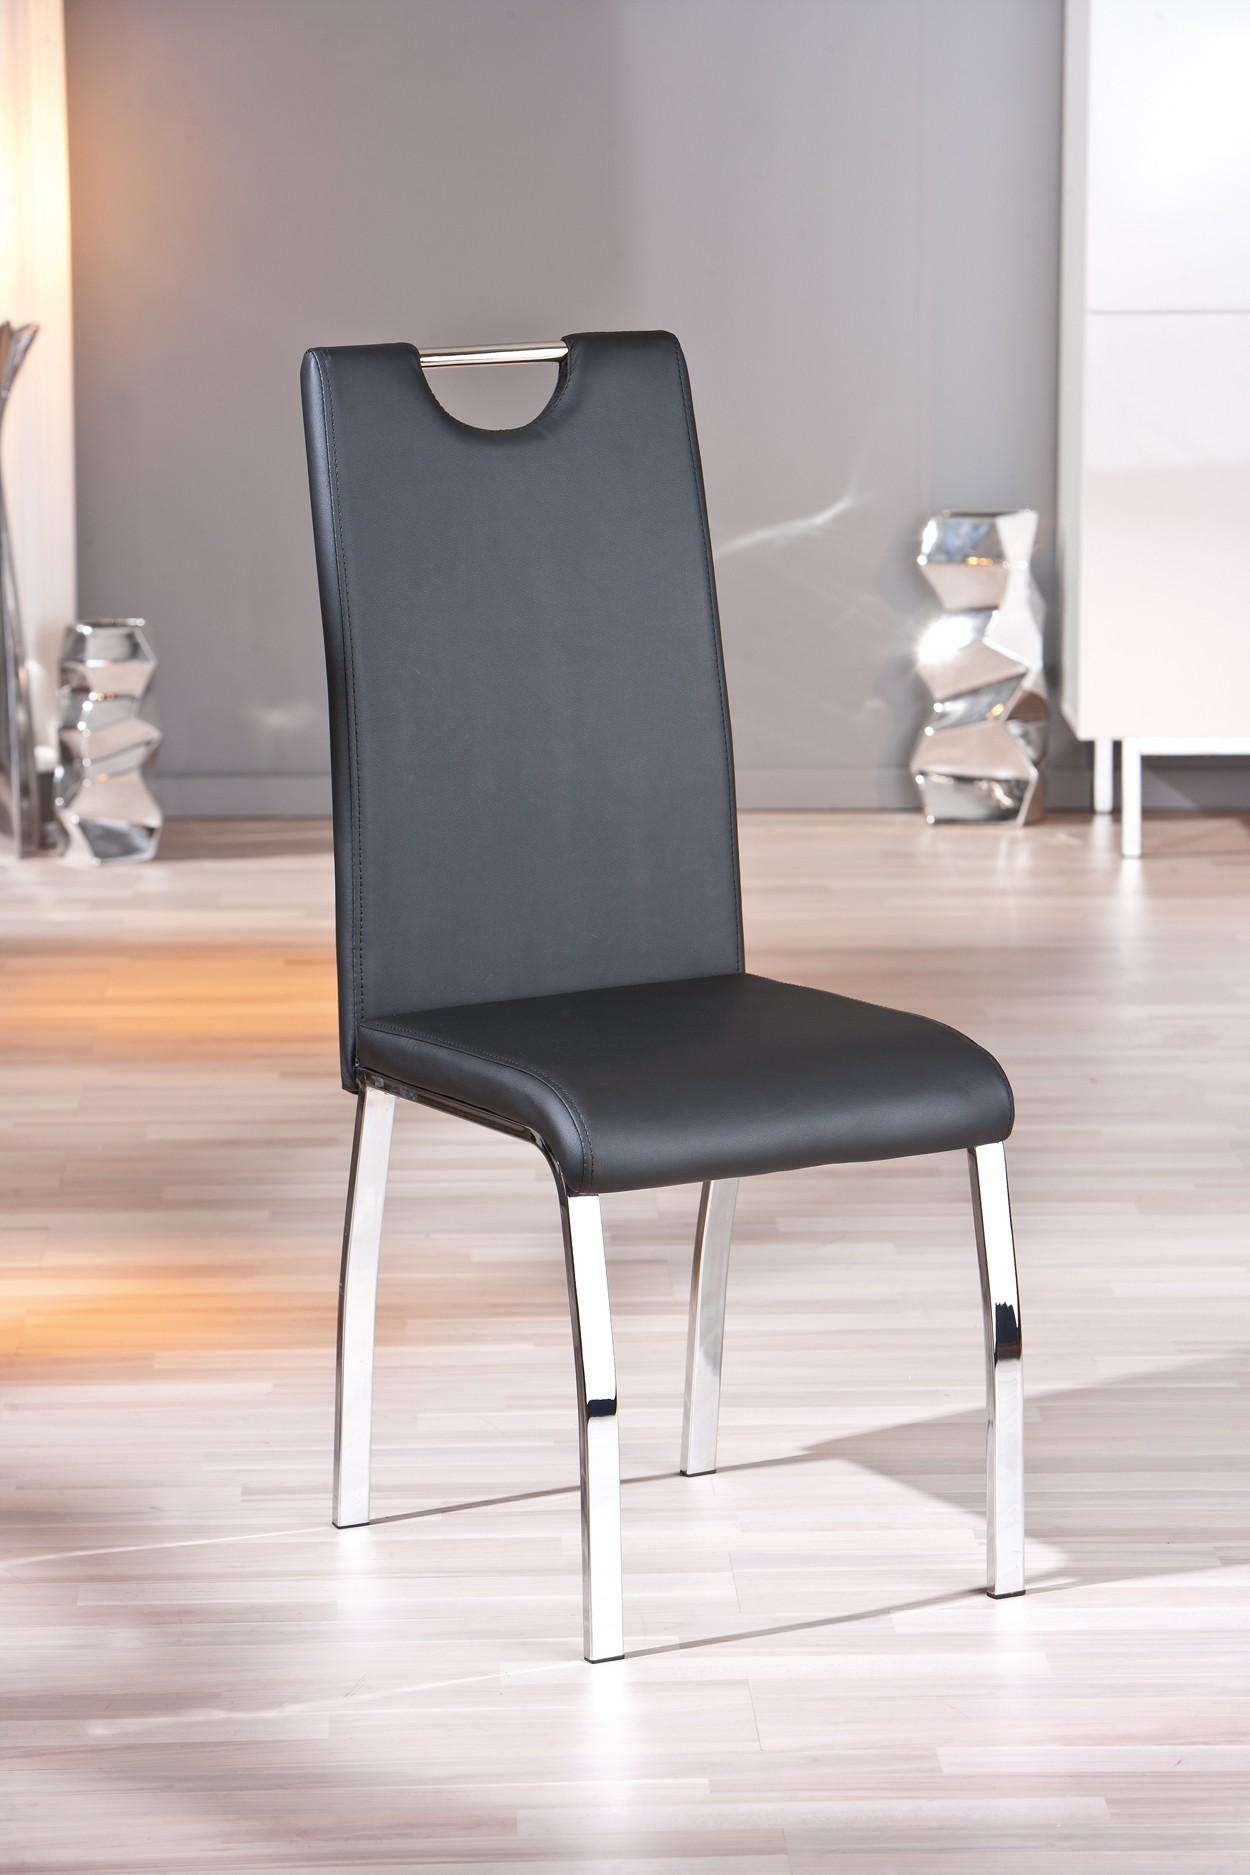 Lot de 2 chaises noires salle manger - Lot de chaises noires ...